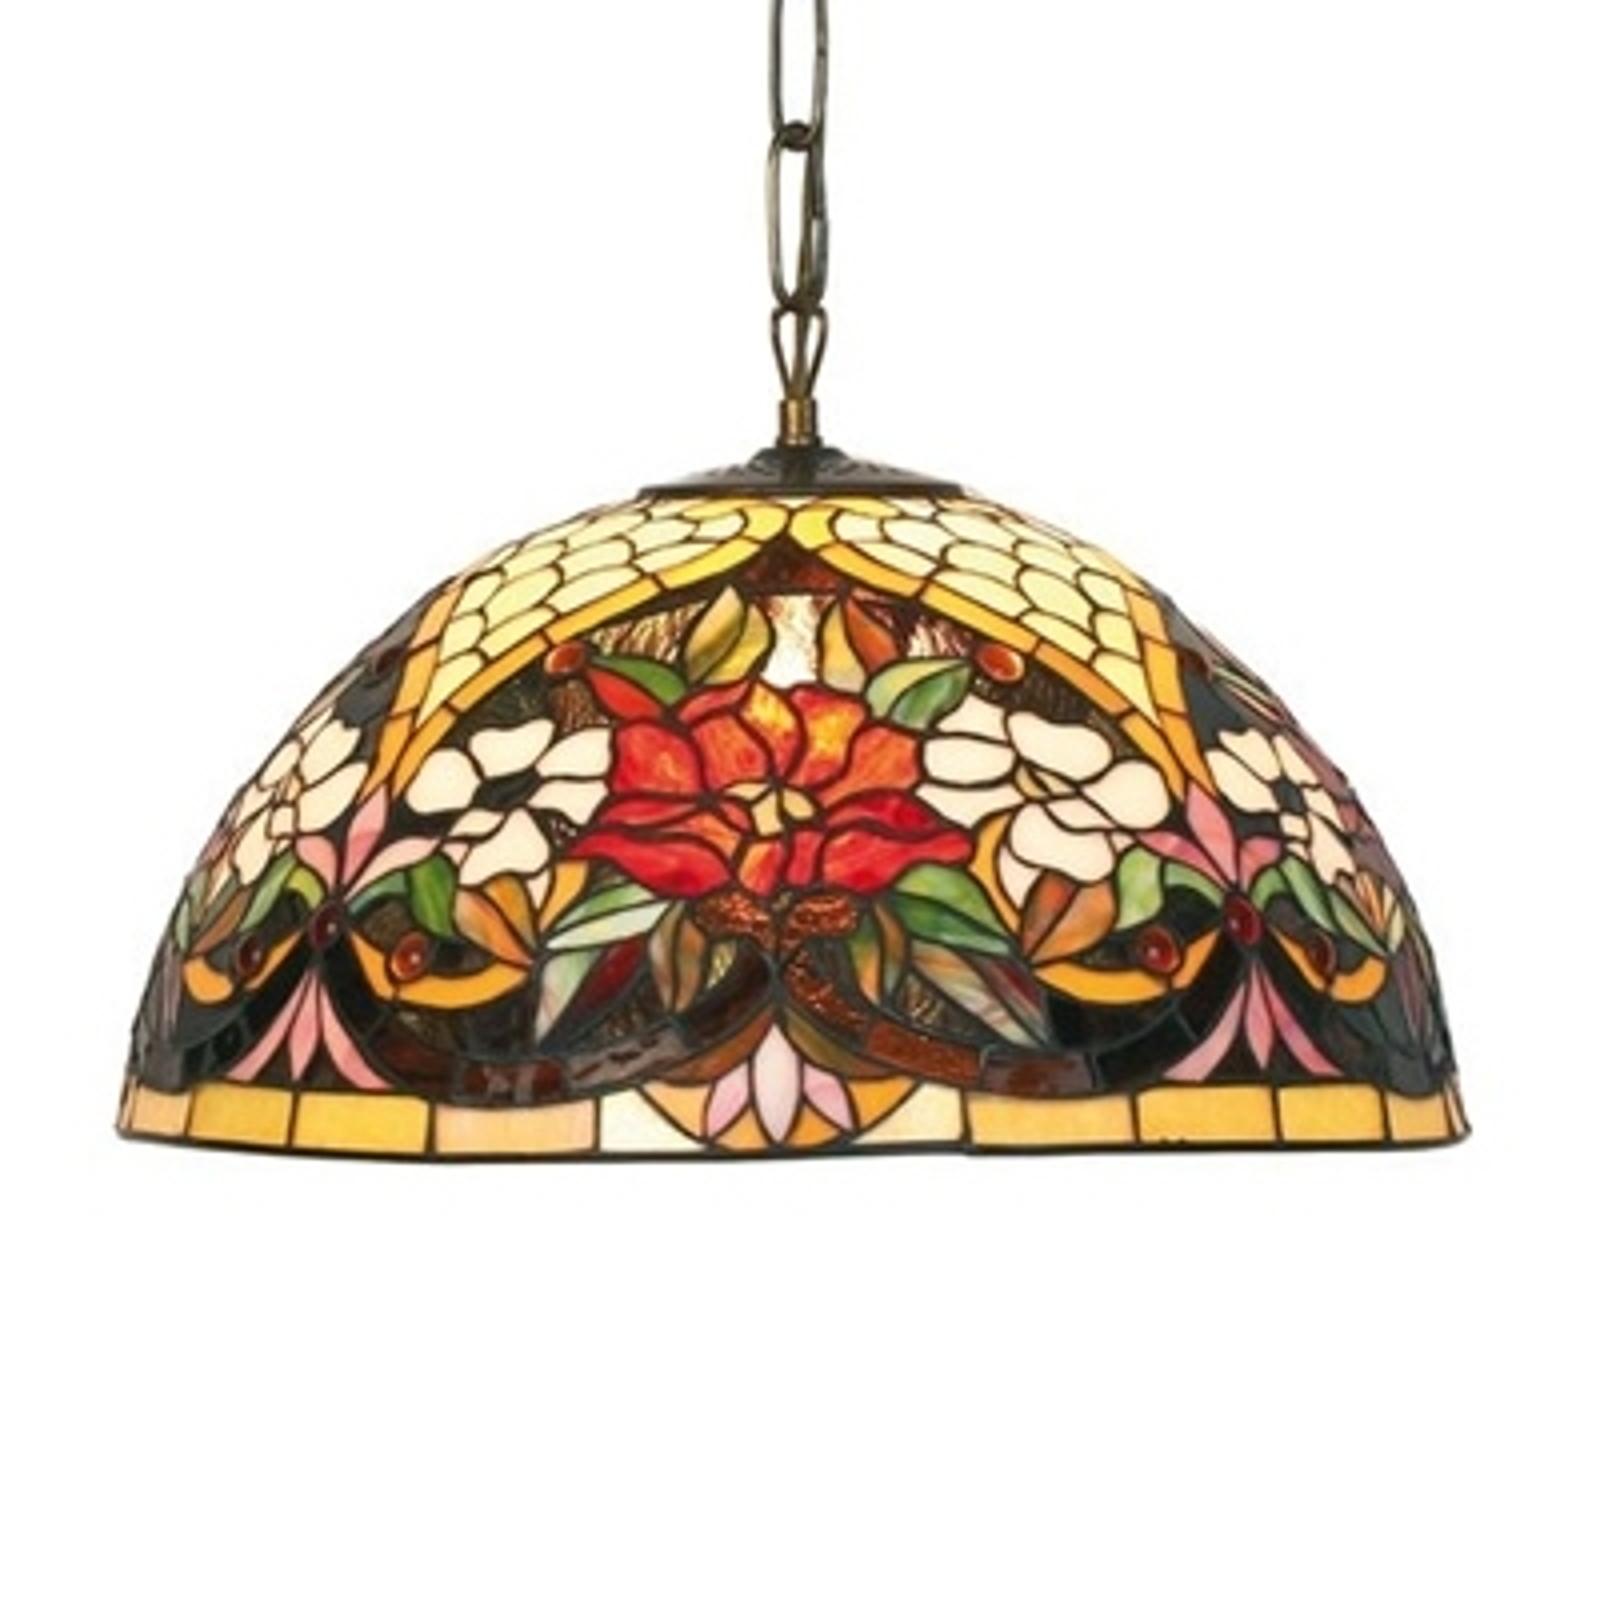 Kwiecista lampa wisząca ANTINA, 1 x E27